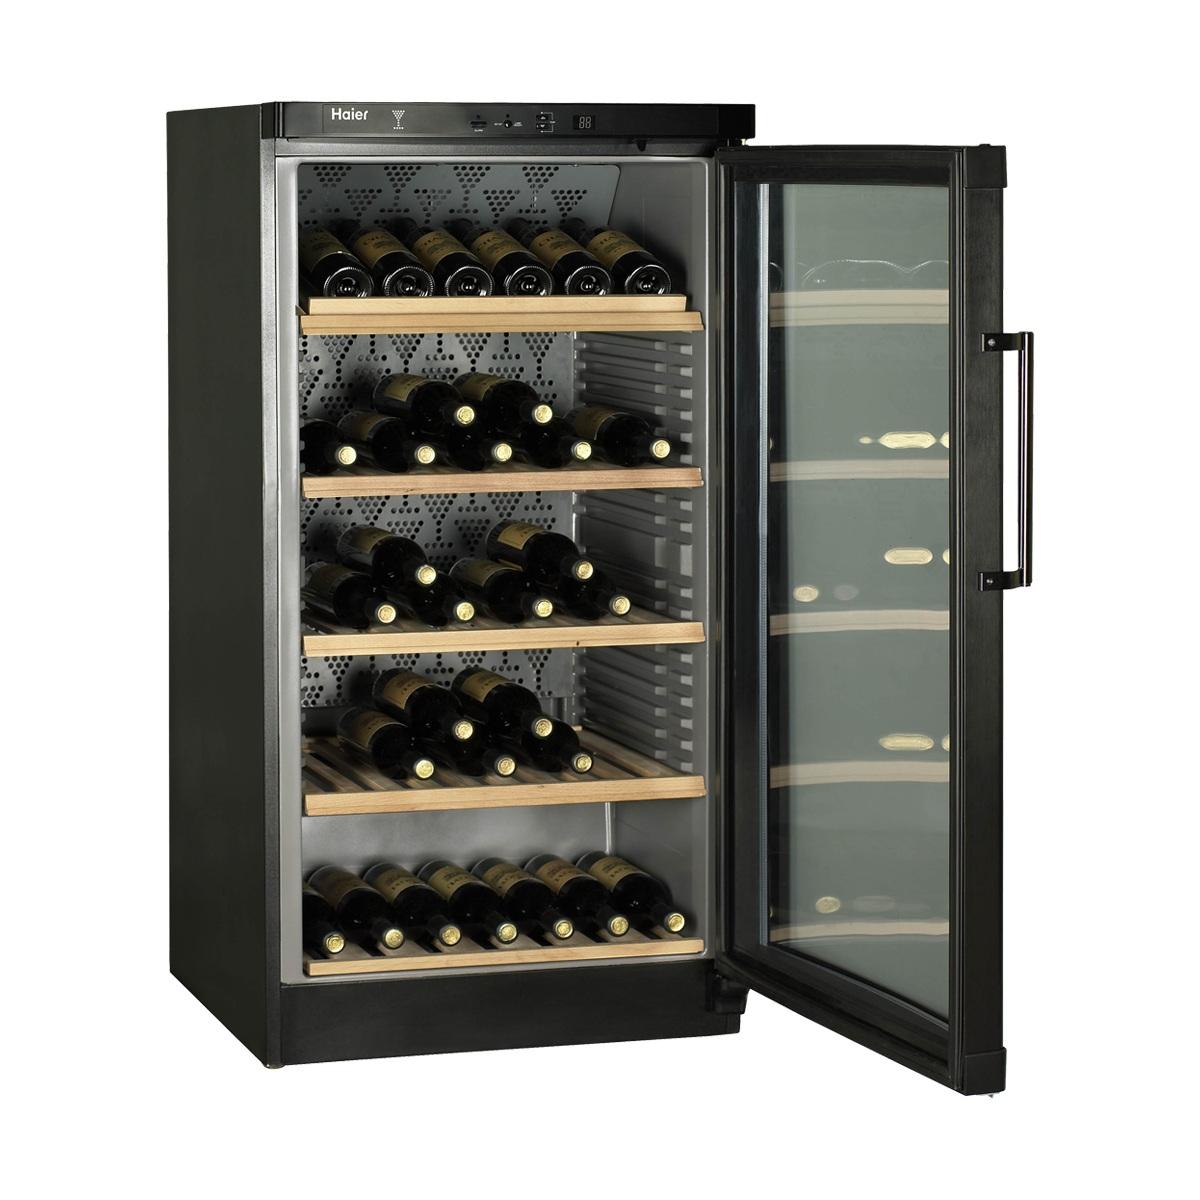 haier jc 298g black freestanding 120 bottle wine cooler. Black Bedroom Furniture Sets. Home Design Ideas